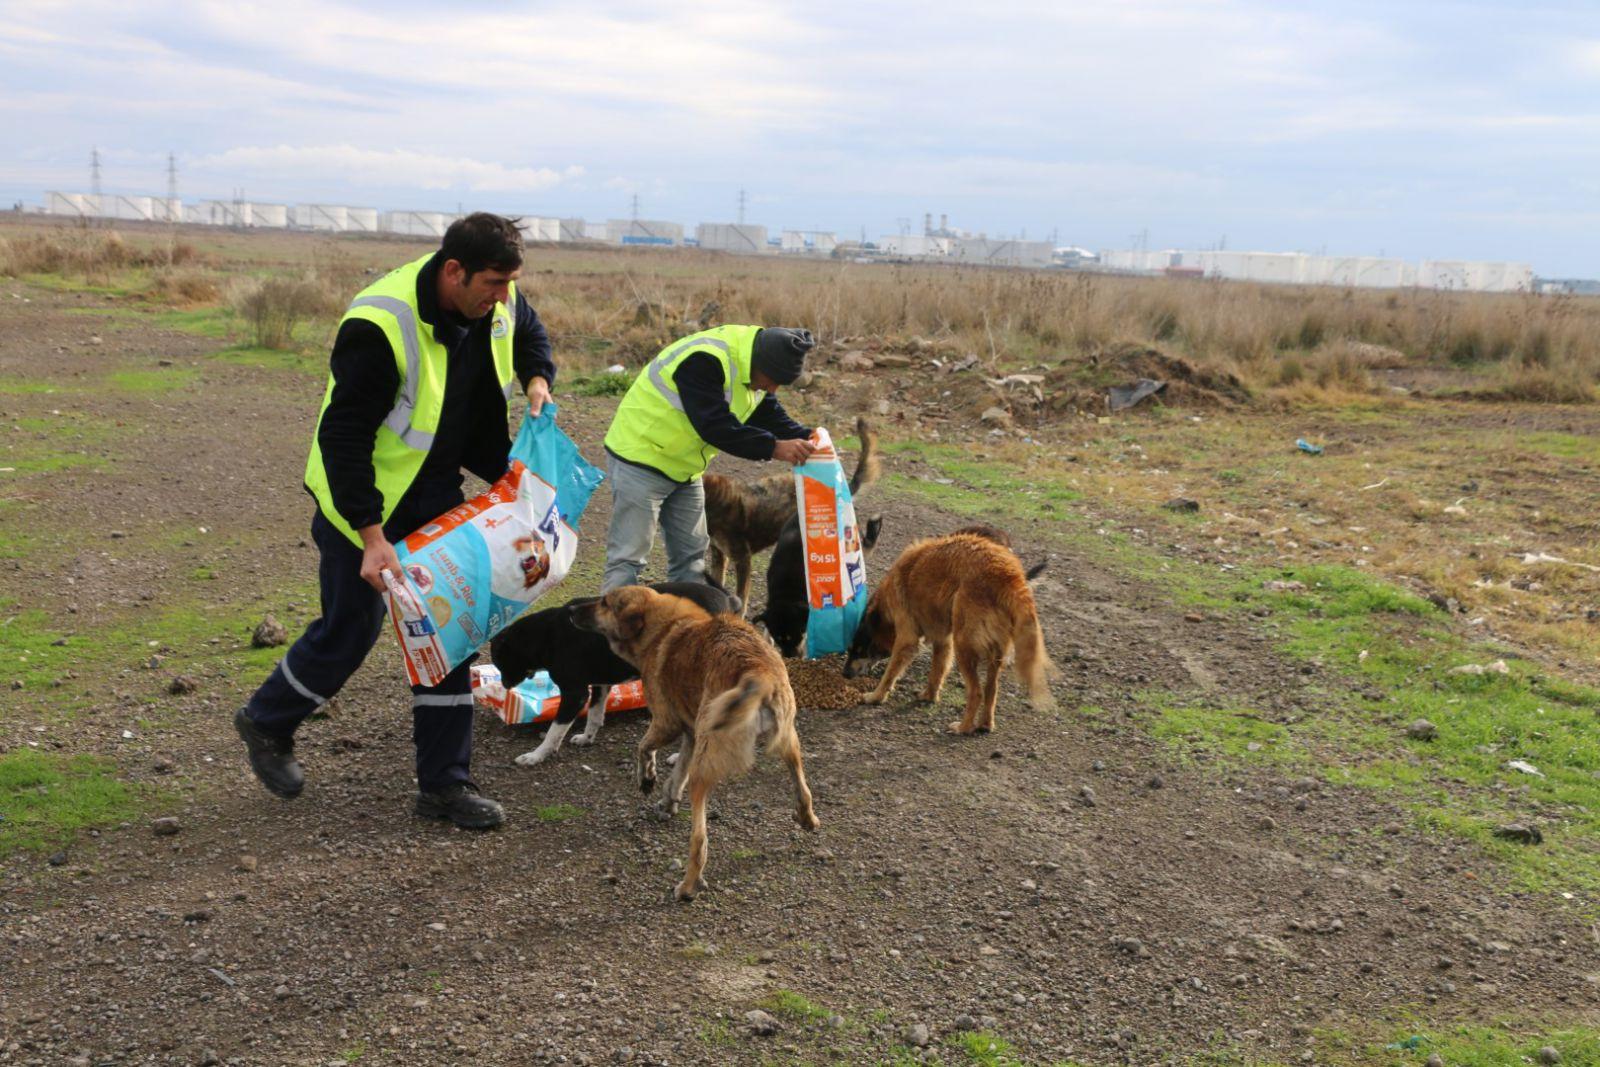 Marmara Ereğlisi Belediyesi Soğuk Havada Can Dostlarımızı Unutmadı